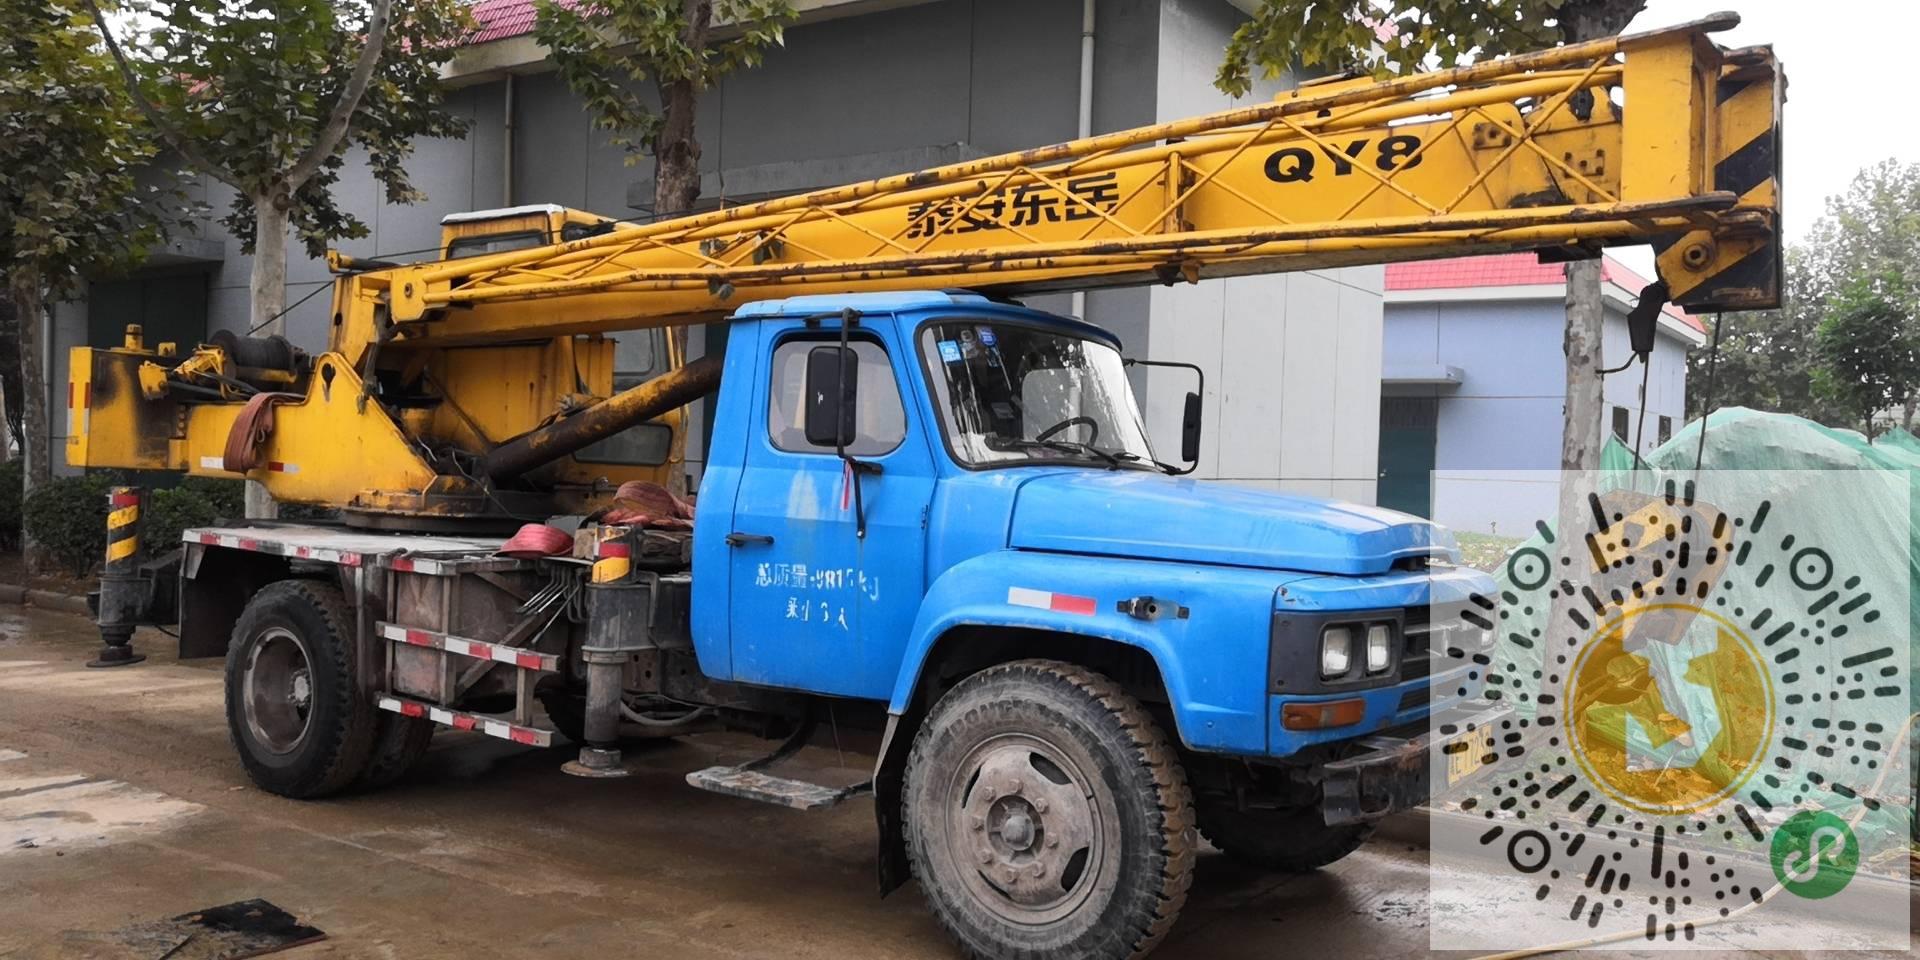 转让东岳2009年QY8吊车